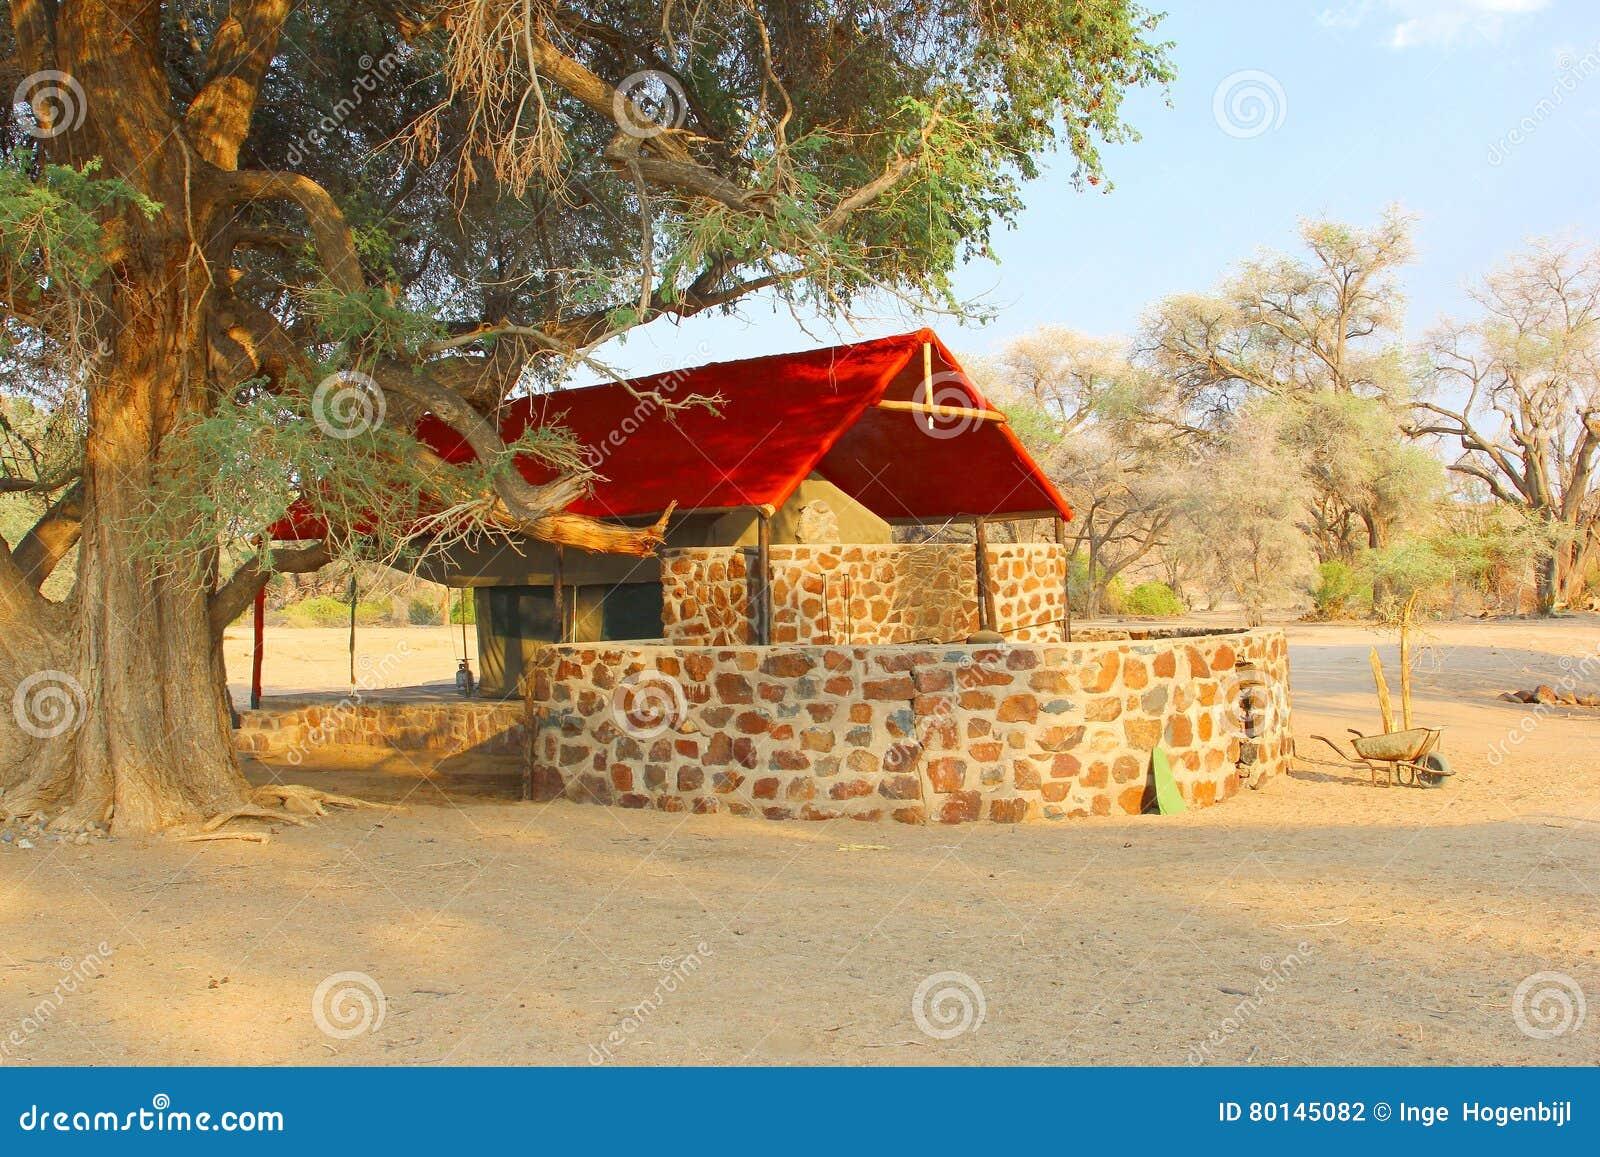 Luxury safari tent c& private bathroom DamaralandNamibia & Luxury Safari Tent Camp Private Bathroom DamaralandNamibia Stock ...